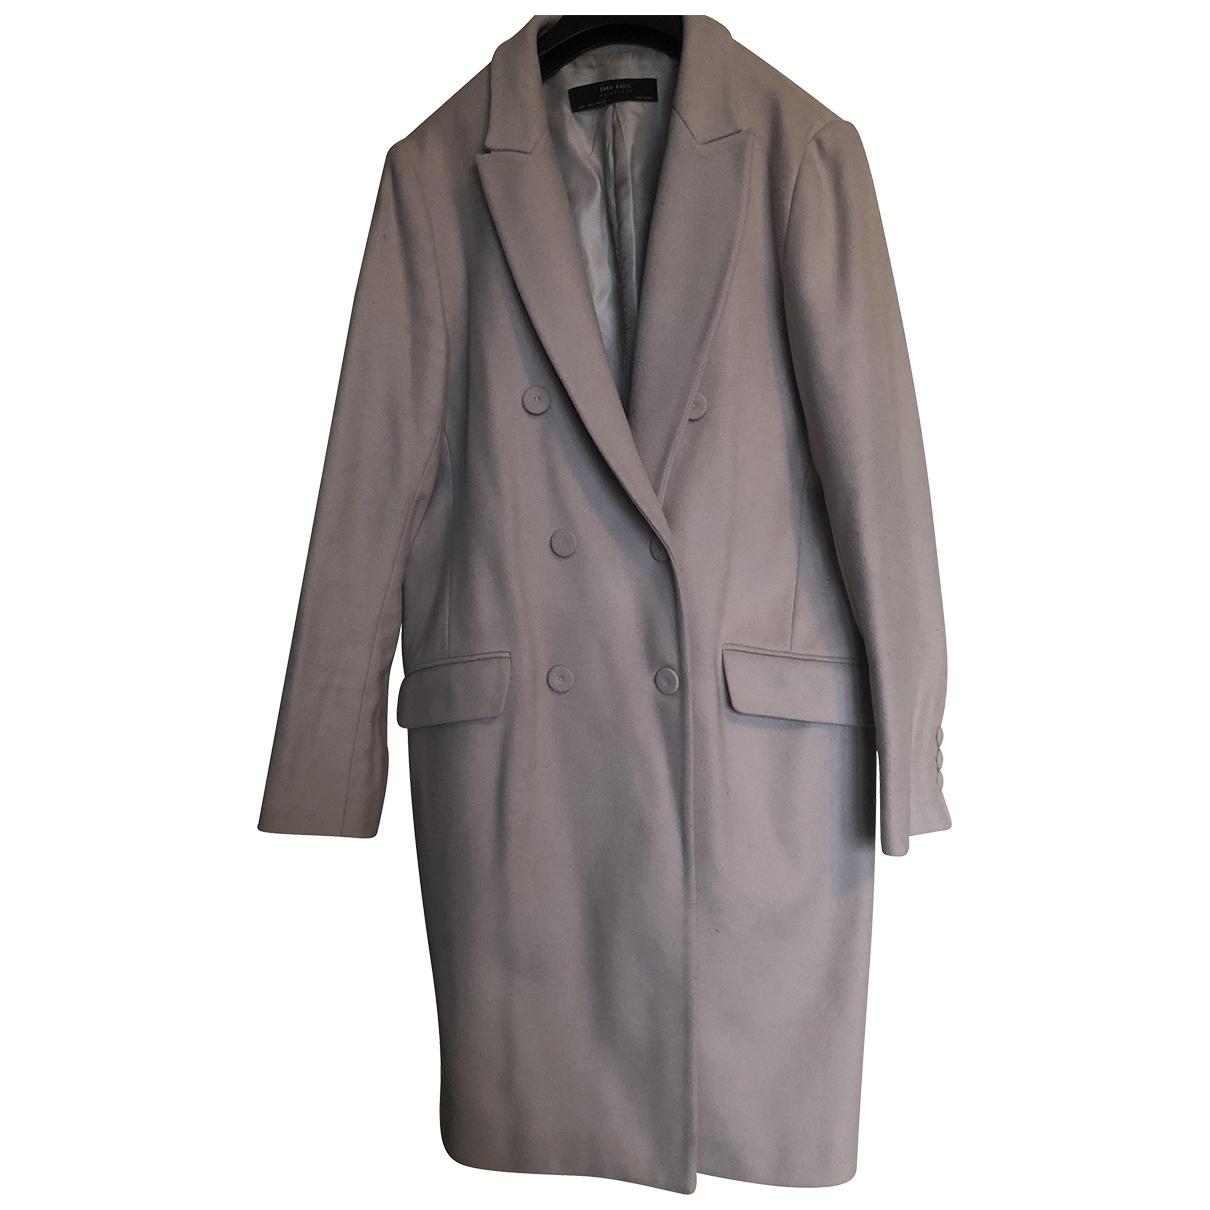 Zara \N Pink Wool coat for Women L International